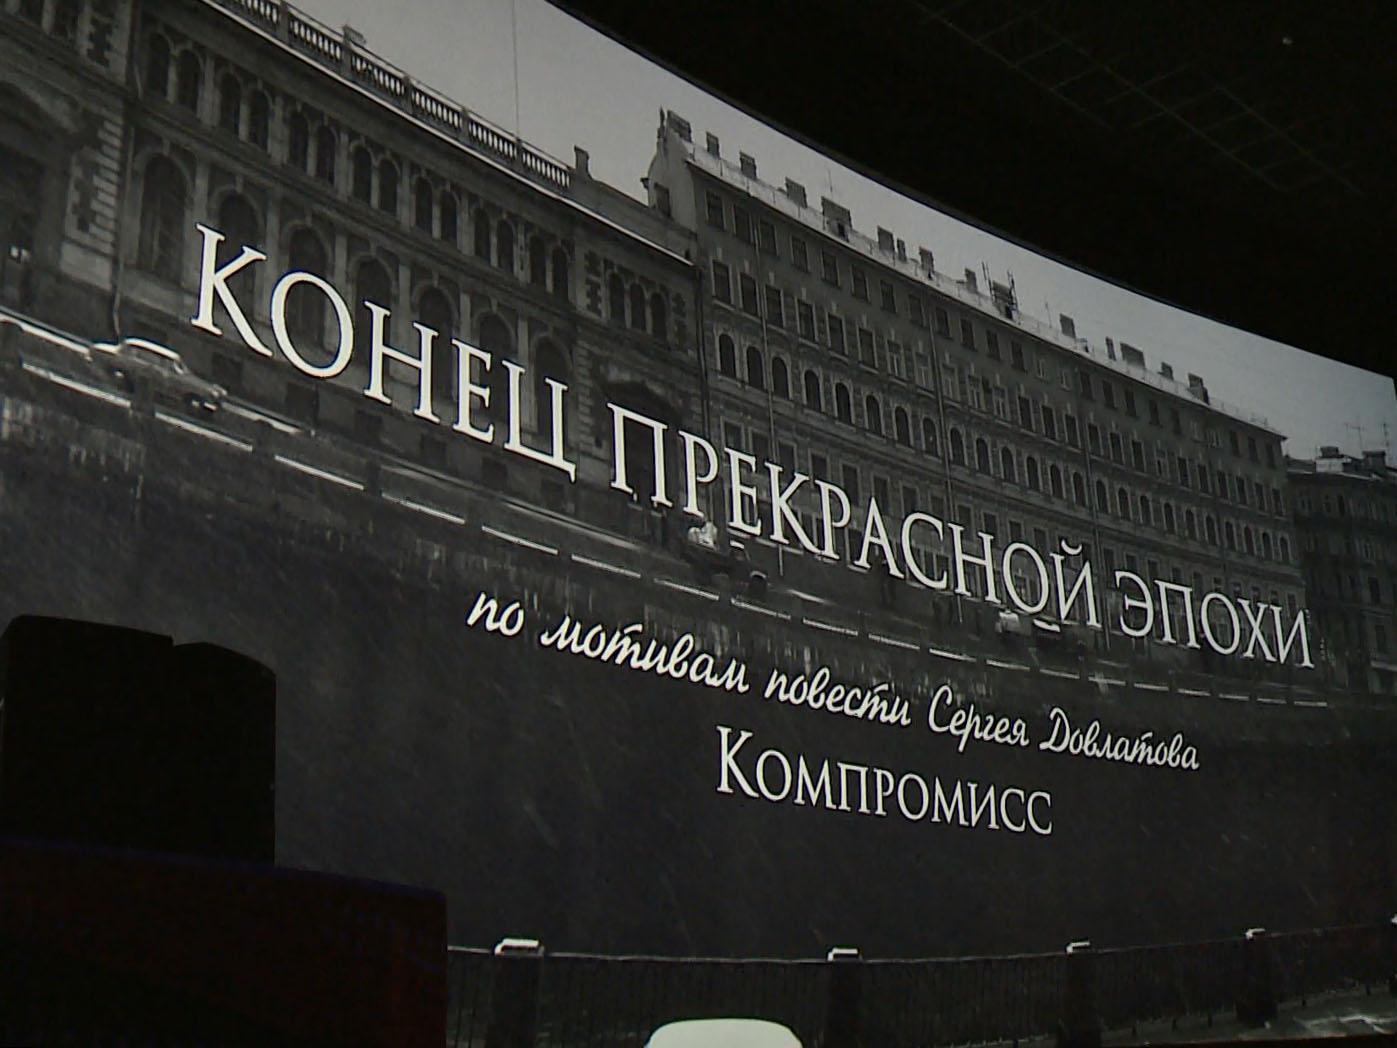 ВСмоленске закончился кинофестиваль «Золотой Феникс»